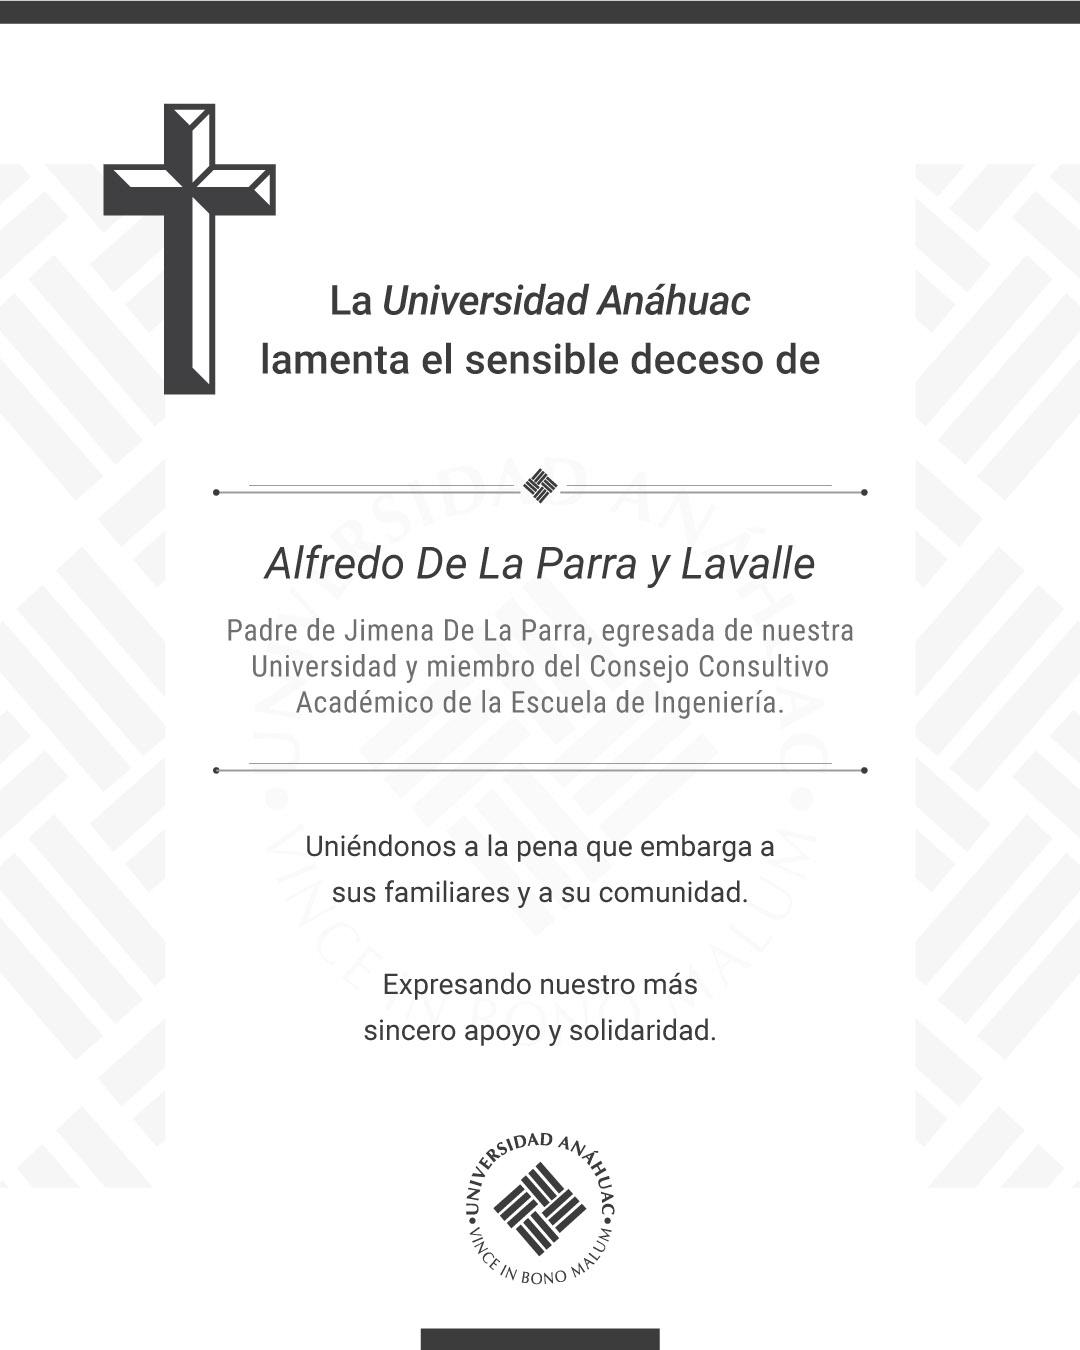 2 / 14 - Alfredo De La Parra y Lavalle